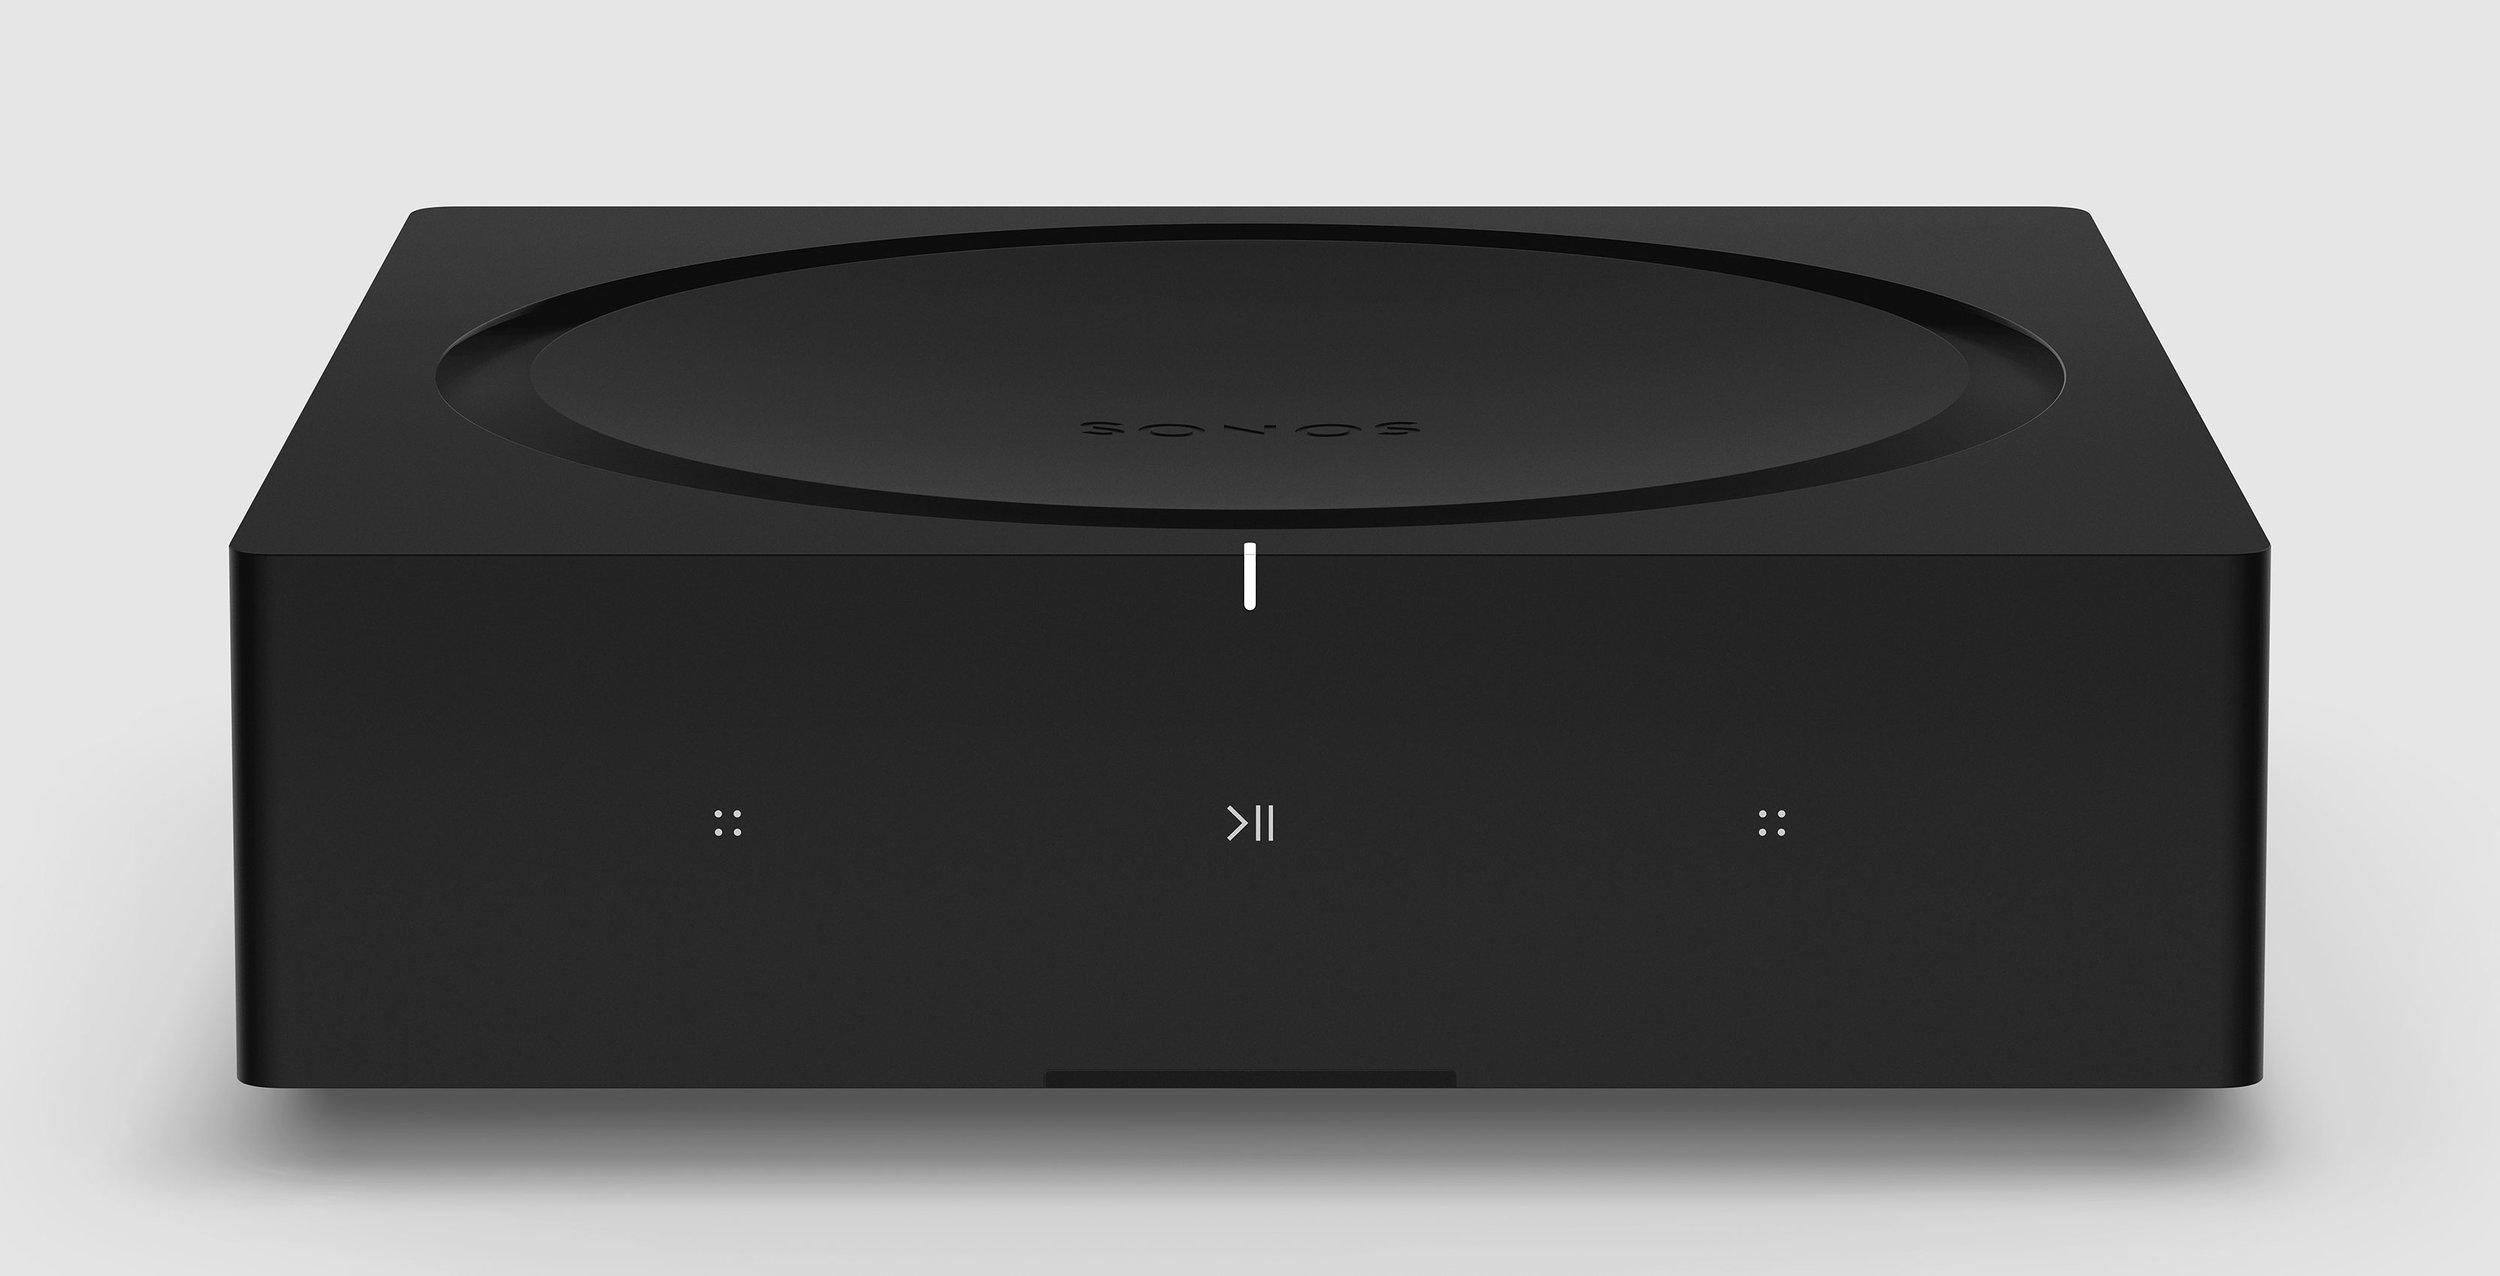 New Sonos AMP